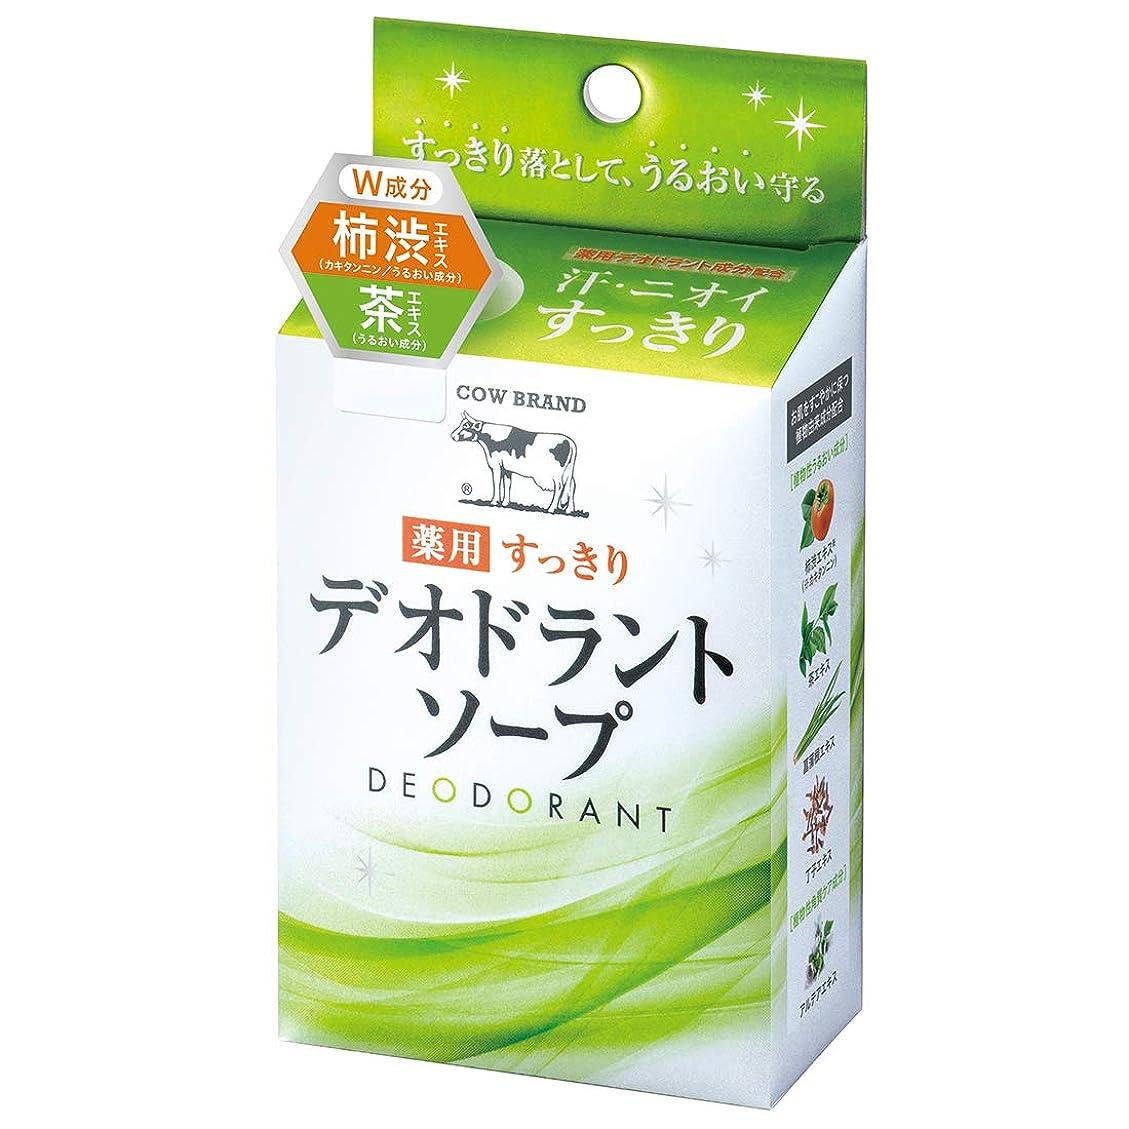 デンプシースクランブル生命体カウブランド 薬用すっきりデオドラントソープ 125g (医薬部外品)